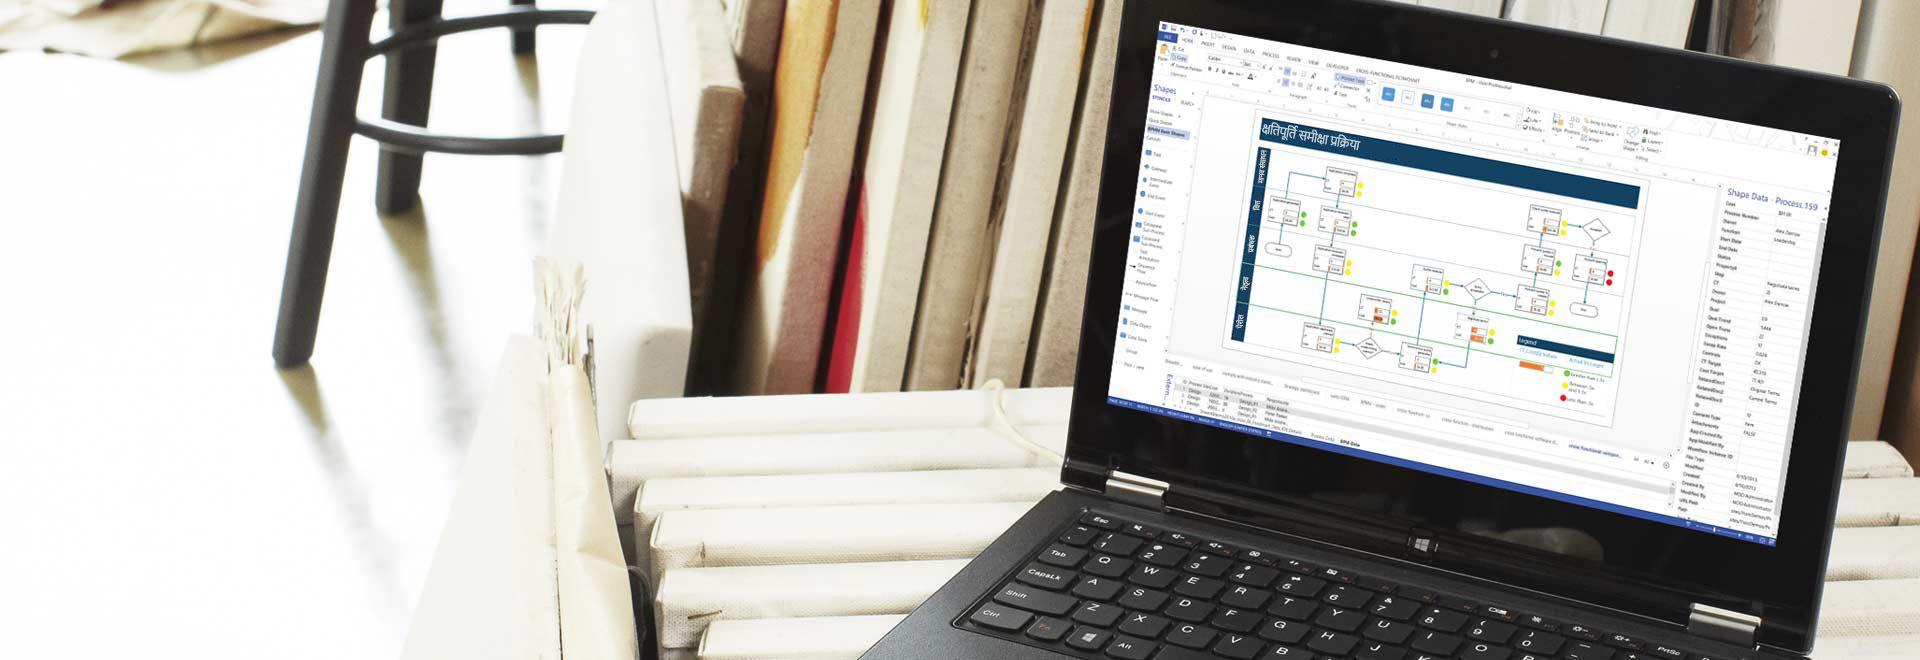 Visio Pro for Office 365 में प्रक्रिया कार्यप्रवाह आरेख प्रदर्शित करता हुआ लैपटॉप